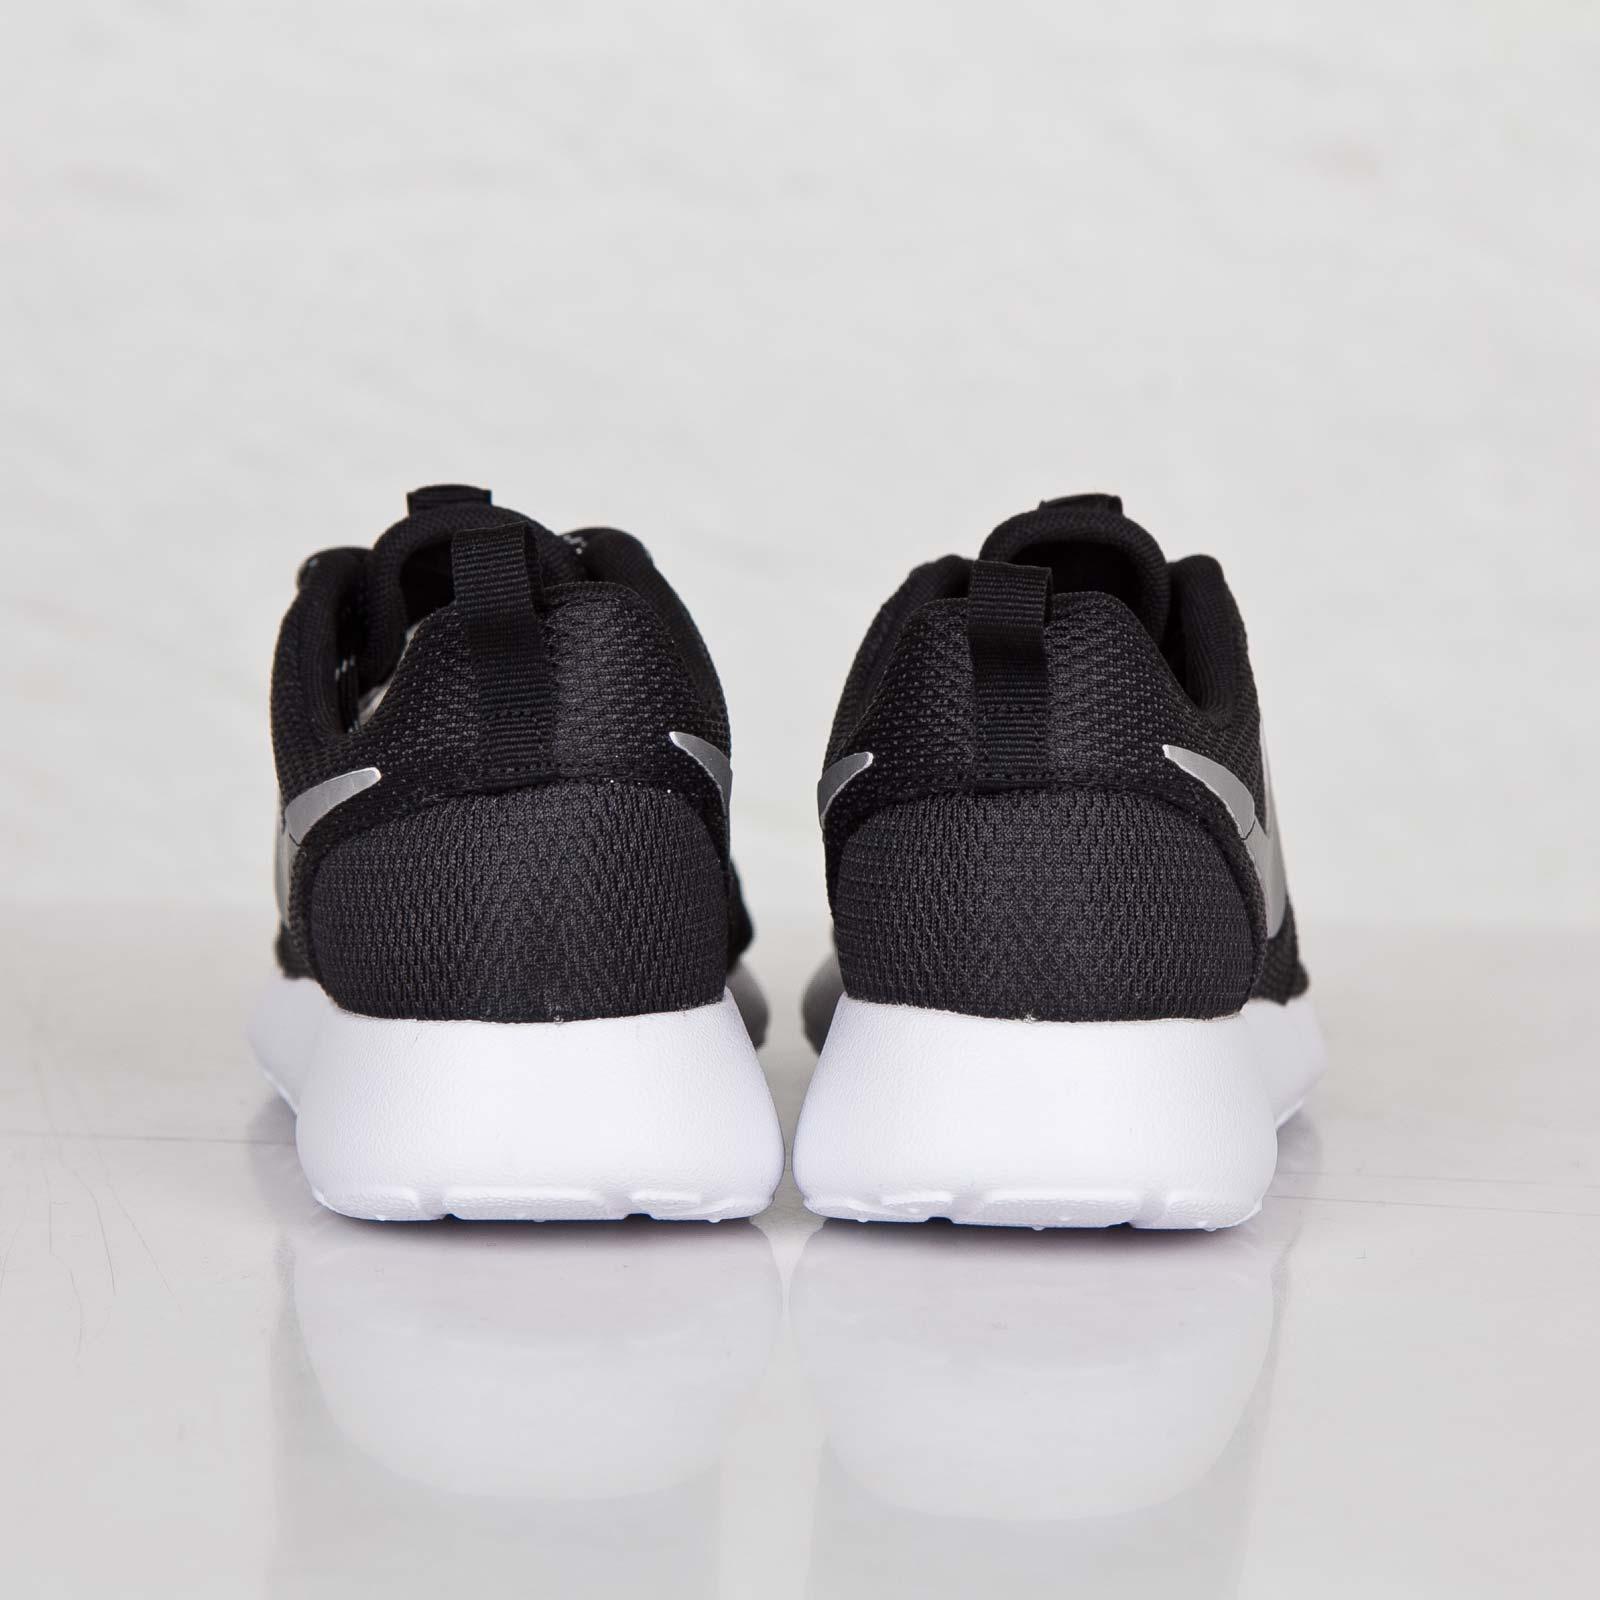 los angeles 7af83 fa984 Nike Wmns Roshe Run - 511882-094 - Sneakersnstuff   sneakers   streetwear  online since 1999